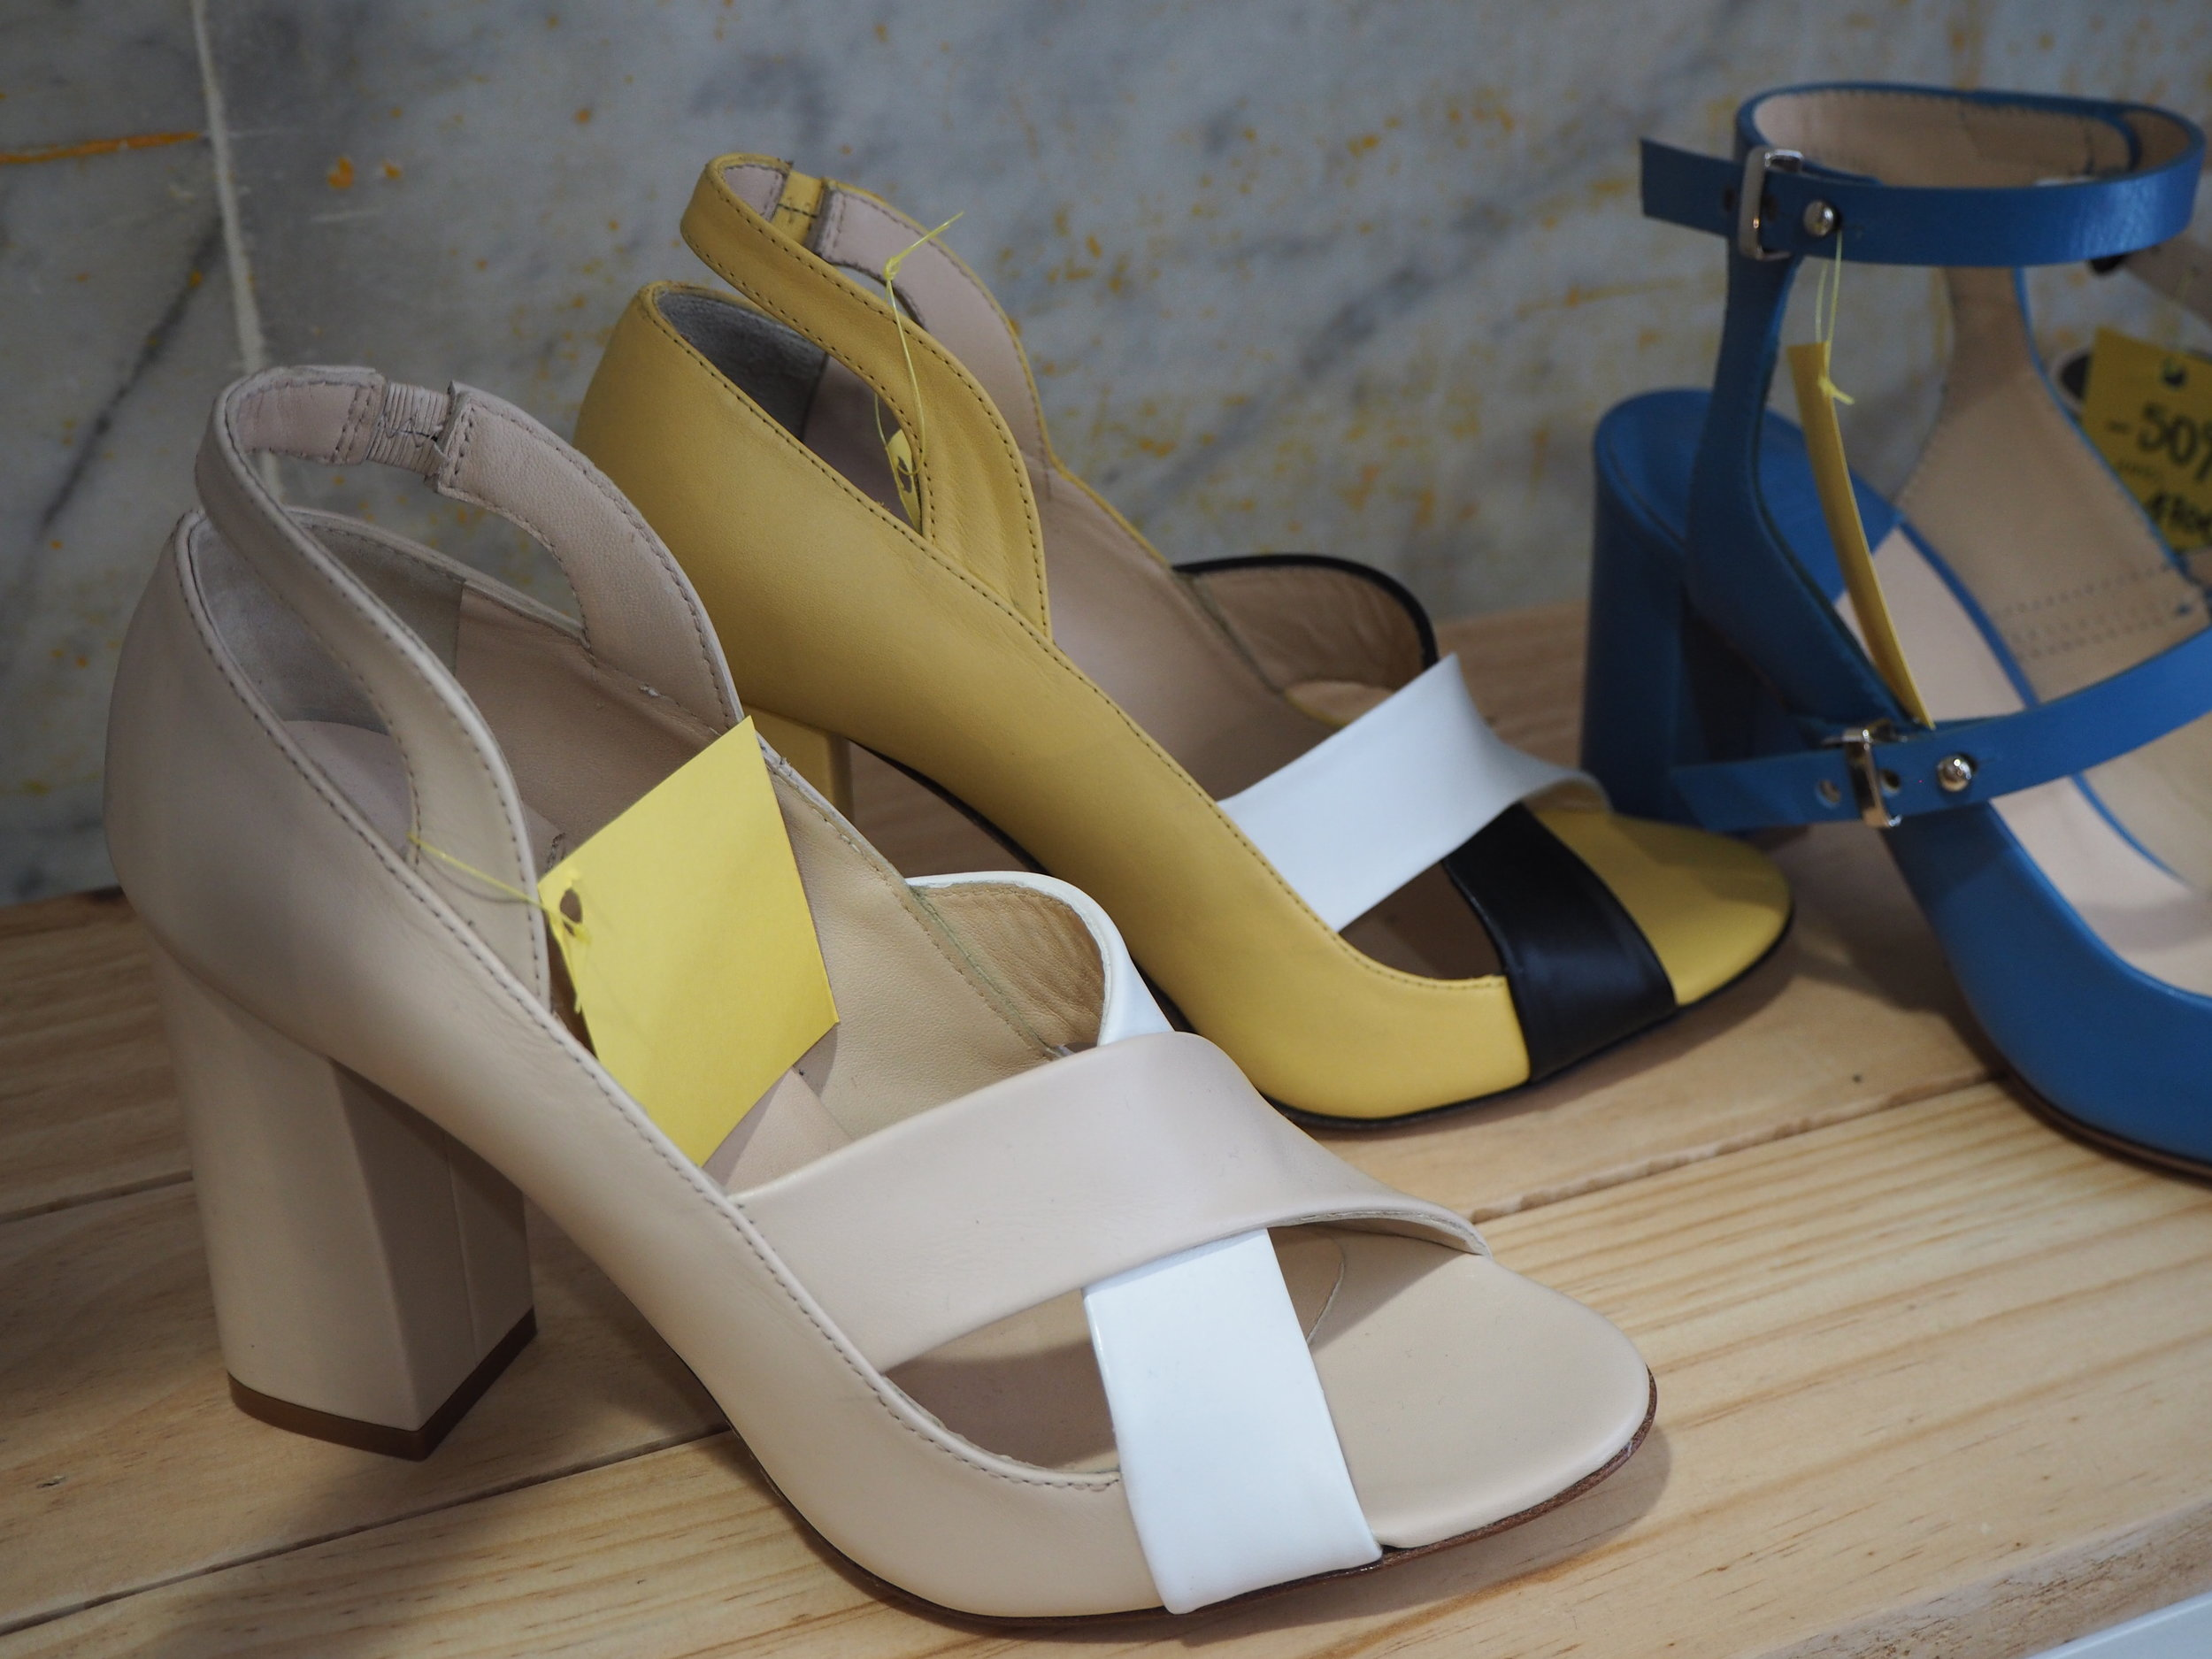 tiendas-ropa-madrid-originles-rughara-zapatos-moda.JPG